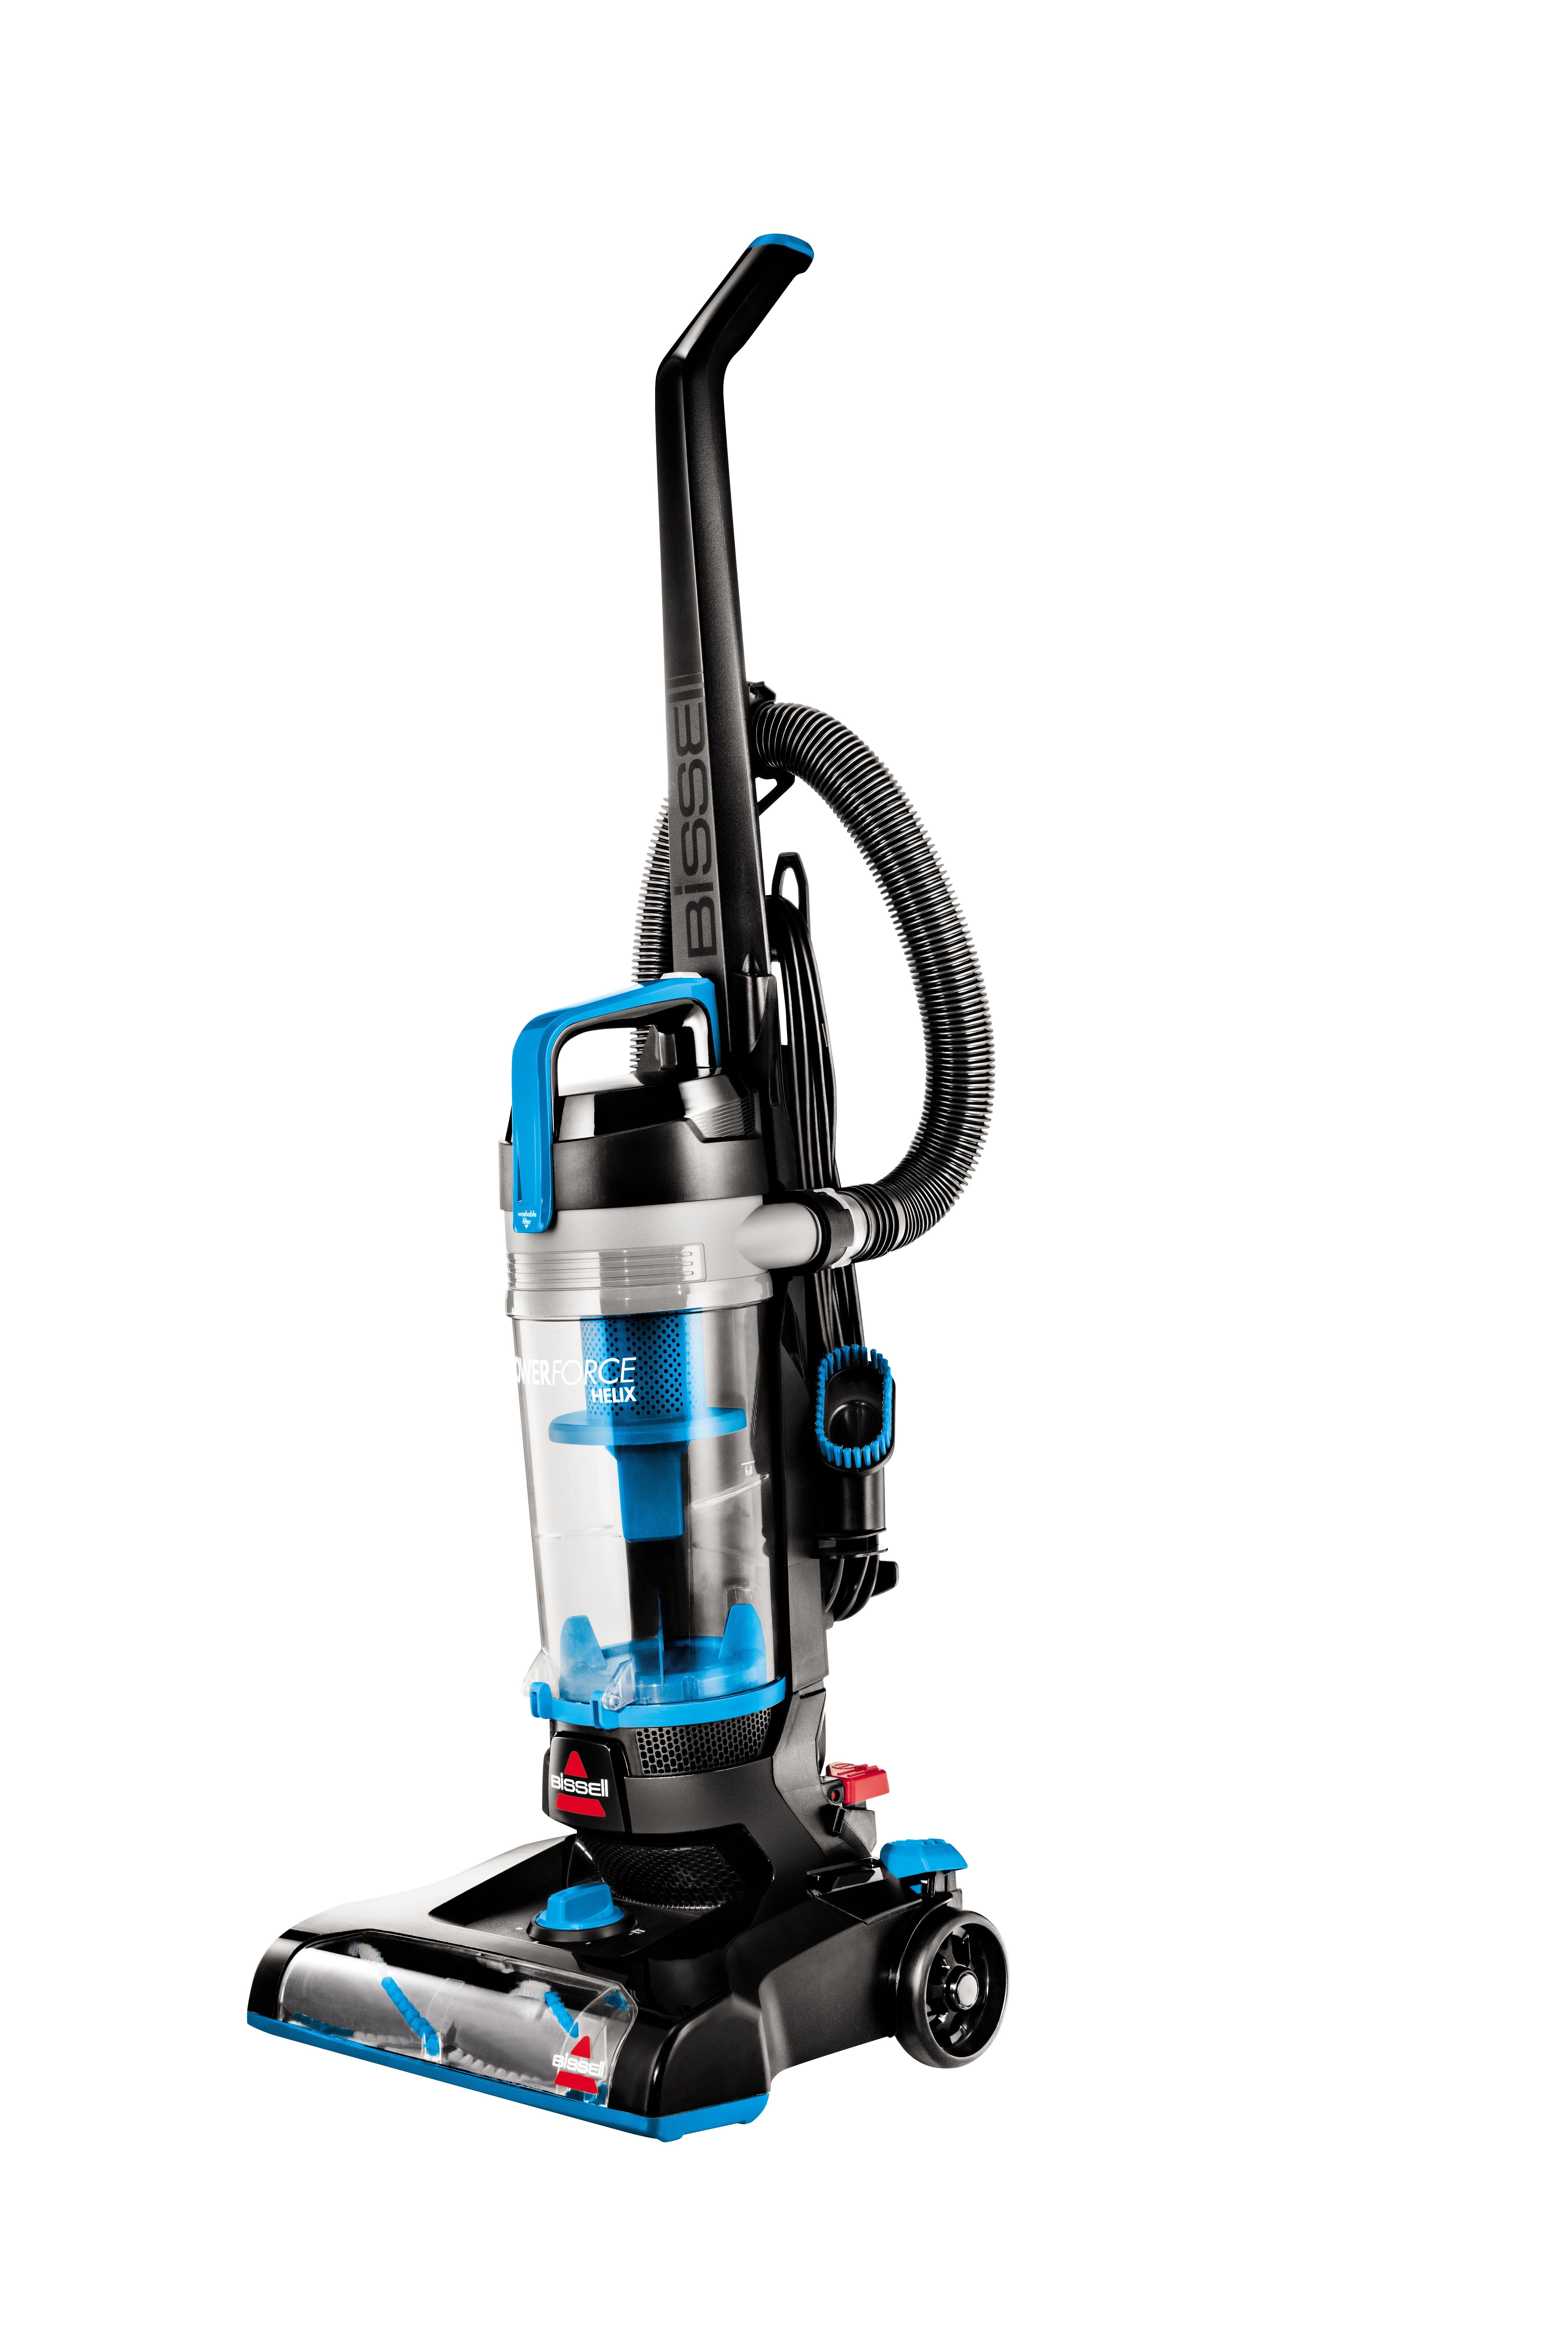 Home Upright Vacuums Vacuum Cleaner Vaccum Cleaner